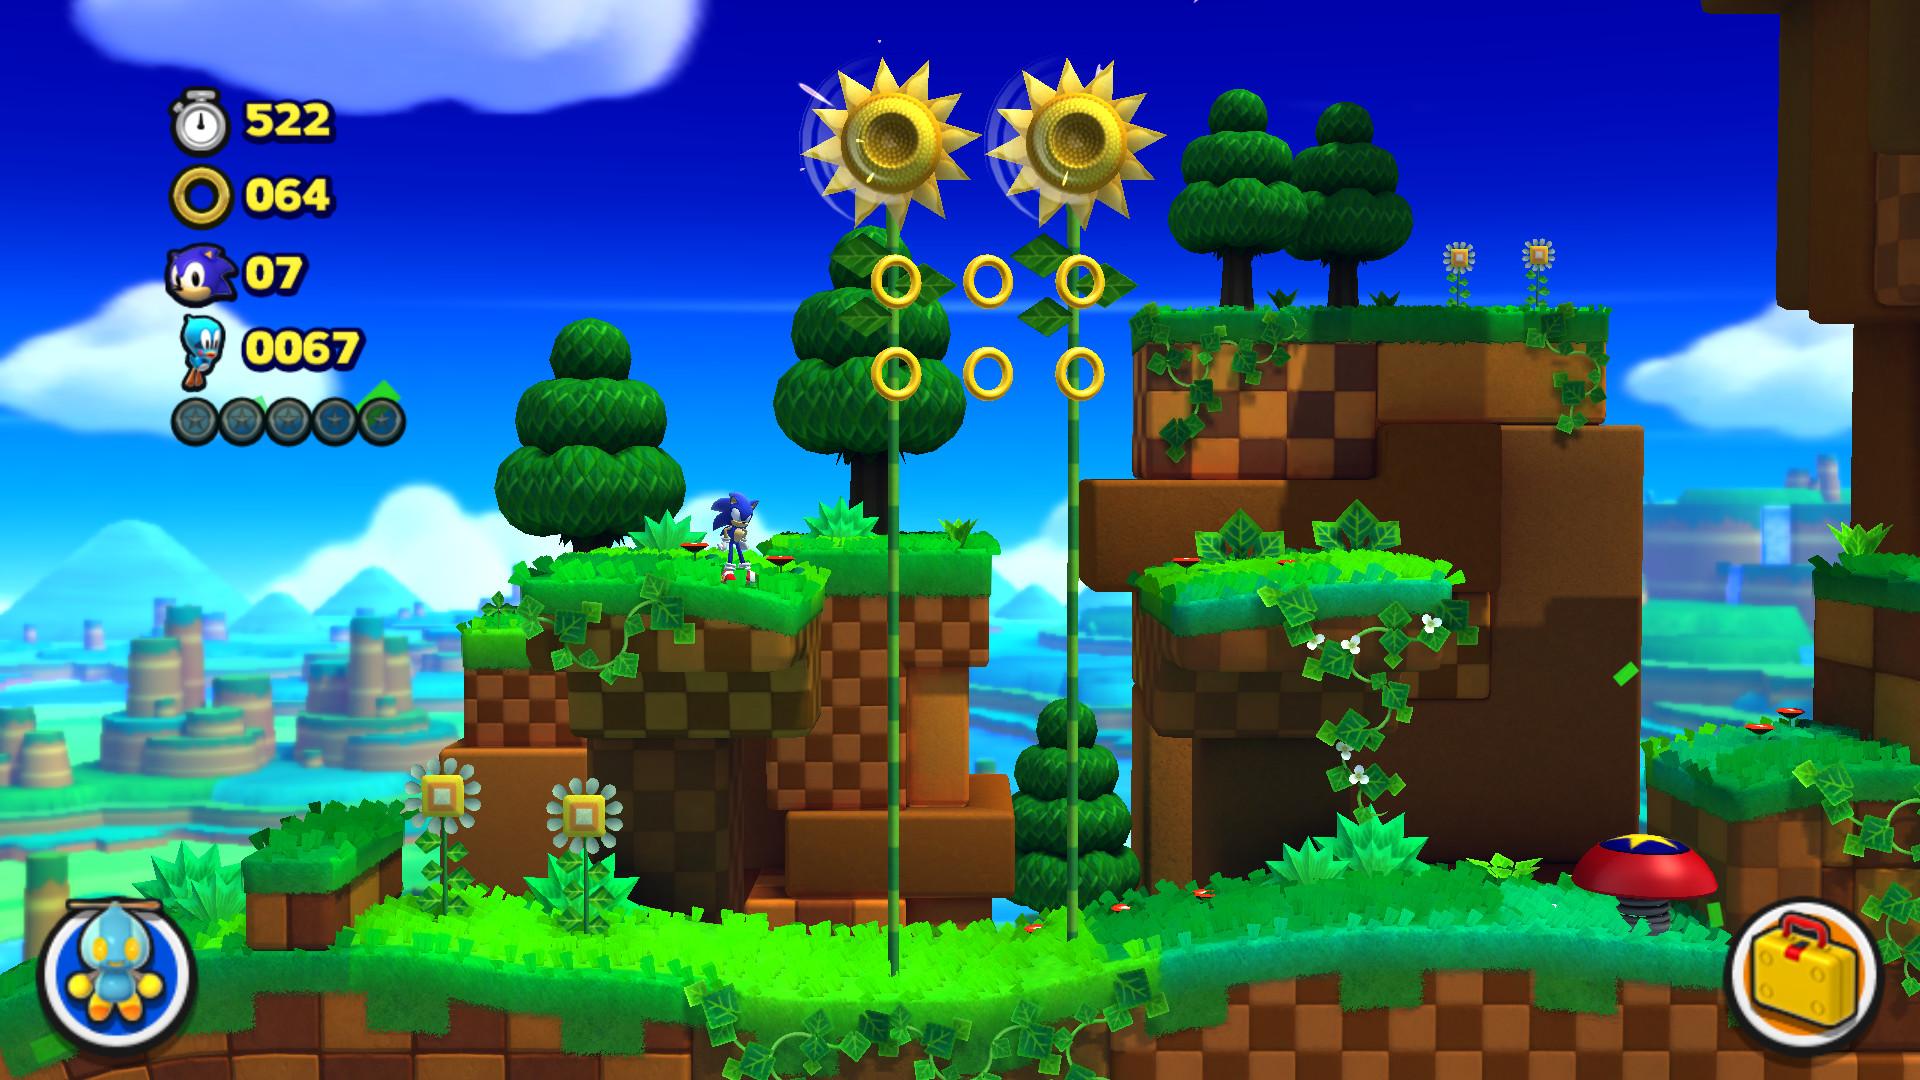 Sonic Lost World ESPAÑOL PC Full (CODEX) + REPACK 2 DVD5 (JPW) 7